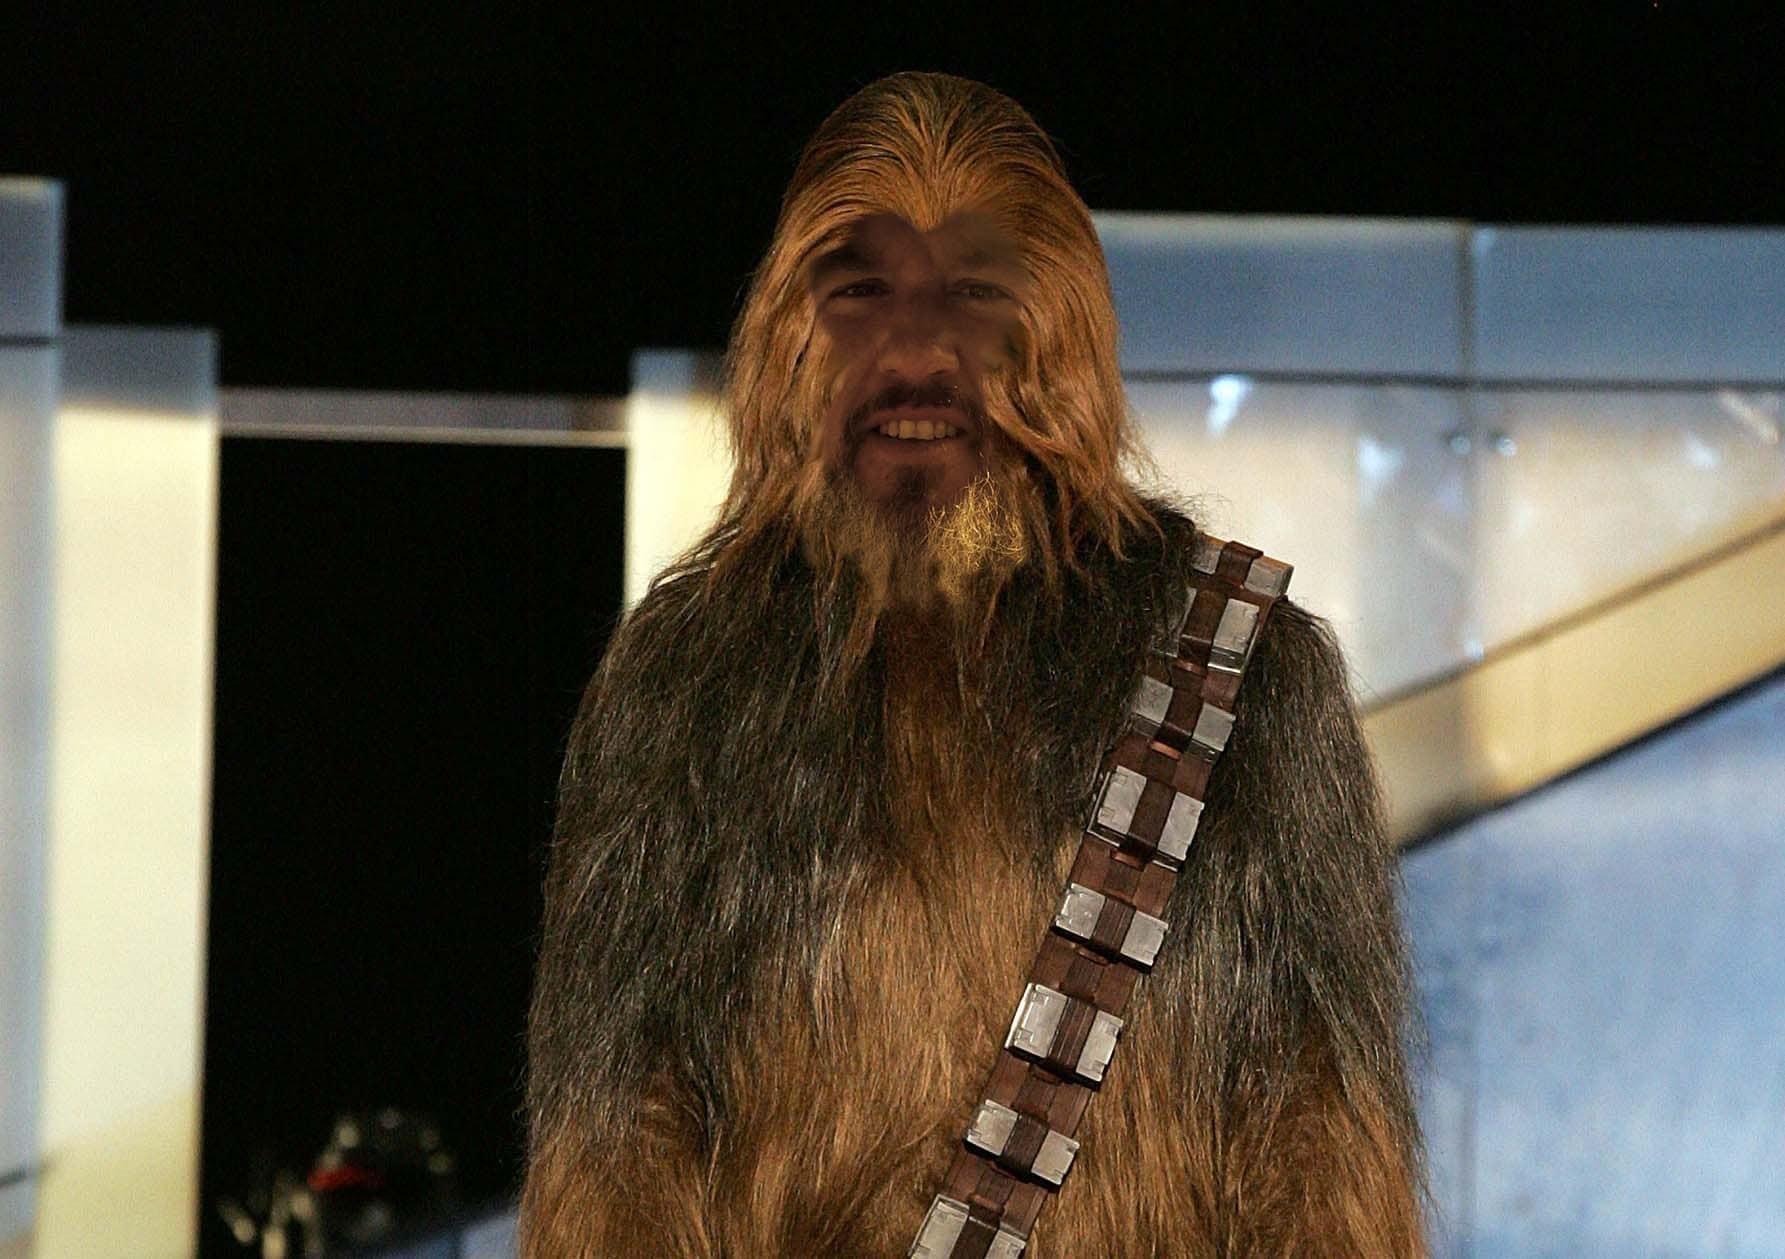 Boo Weekley as Chewbacca